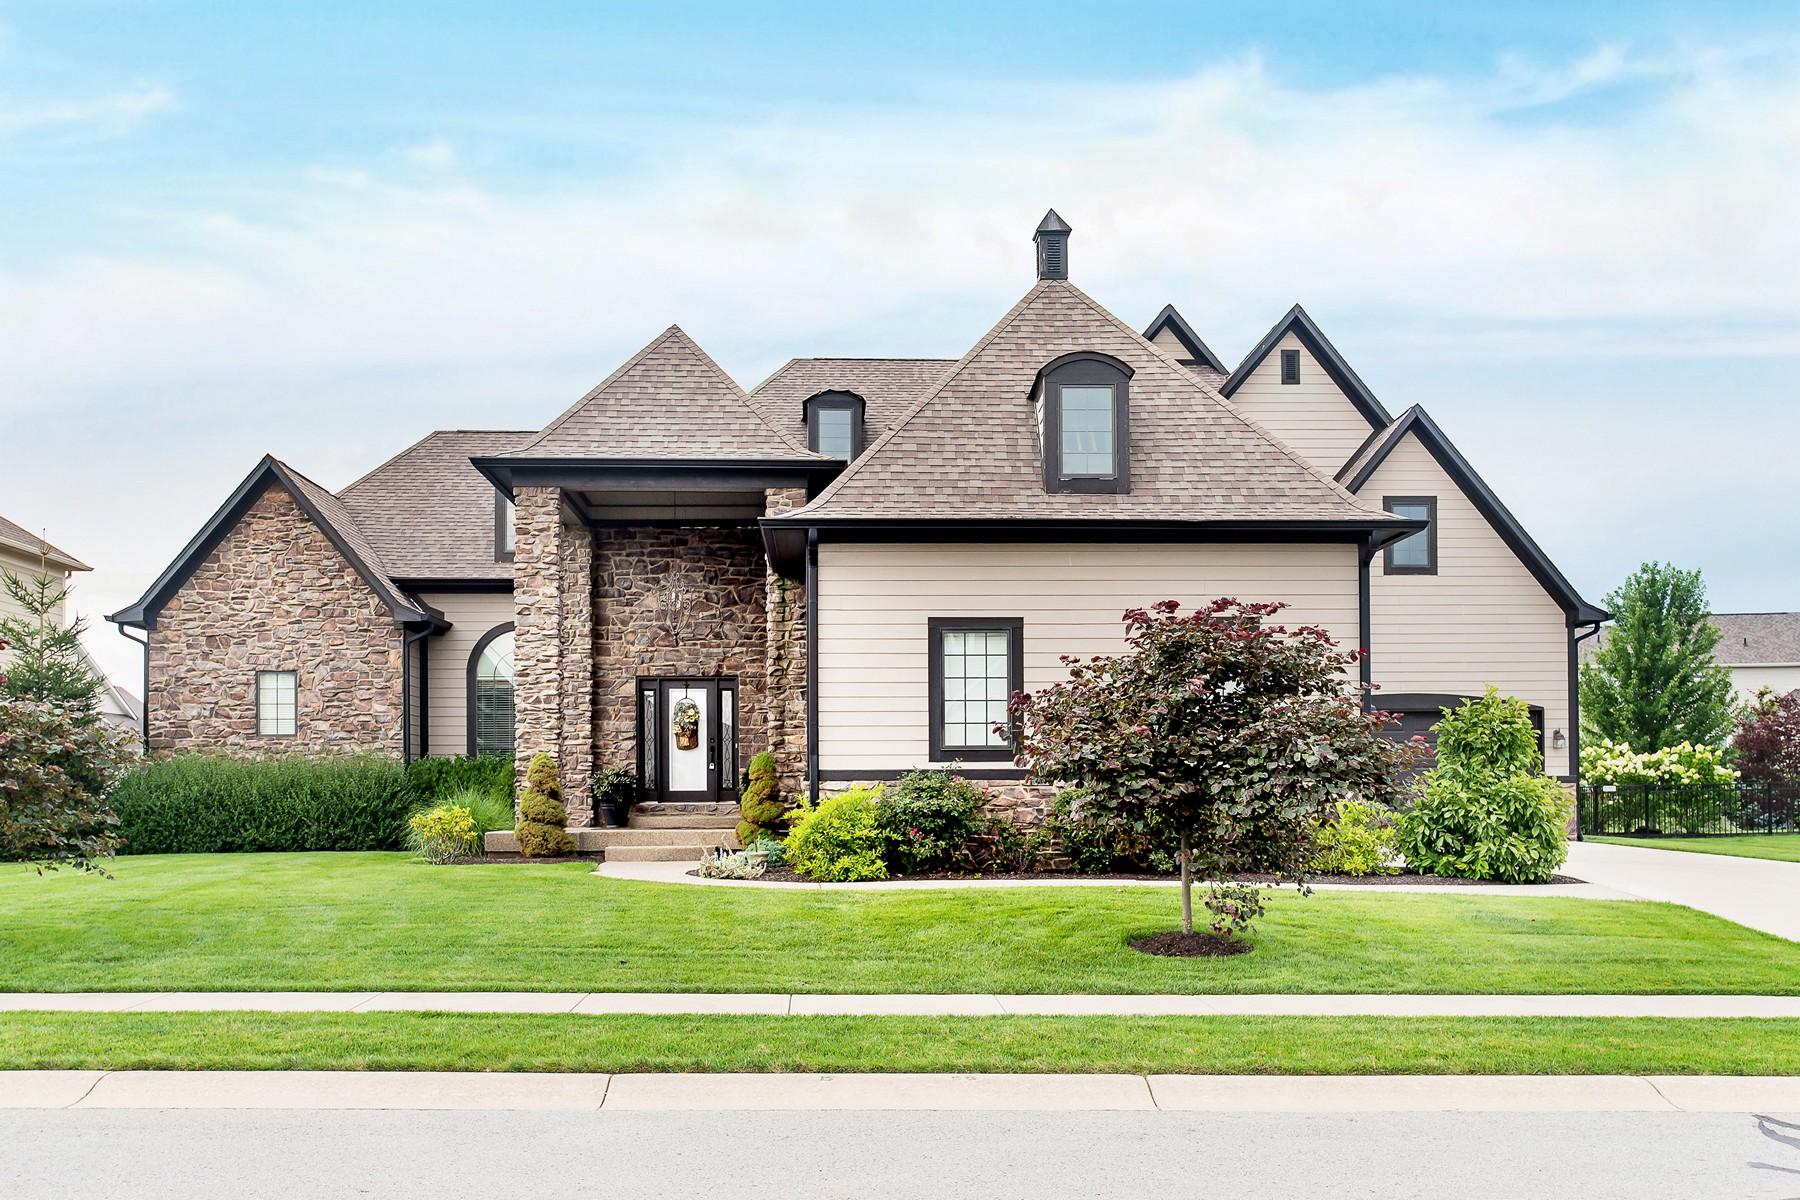 Casa Unifamiliar por un Venta en Wow - Custom Home With Incredible Details 15860 Viking Lair Road Westfield, Indiana, 46074 Estados Unidos